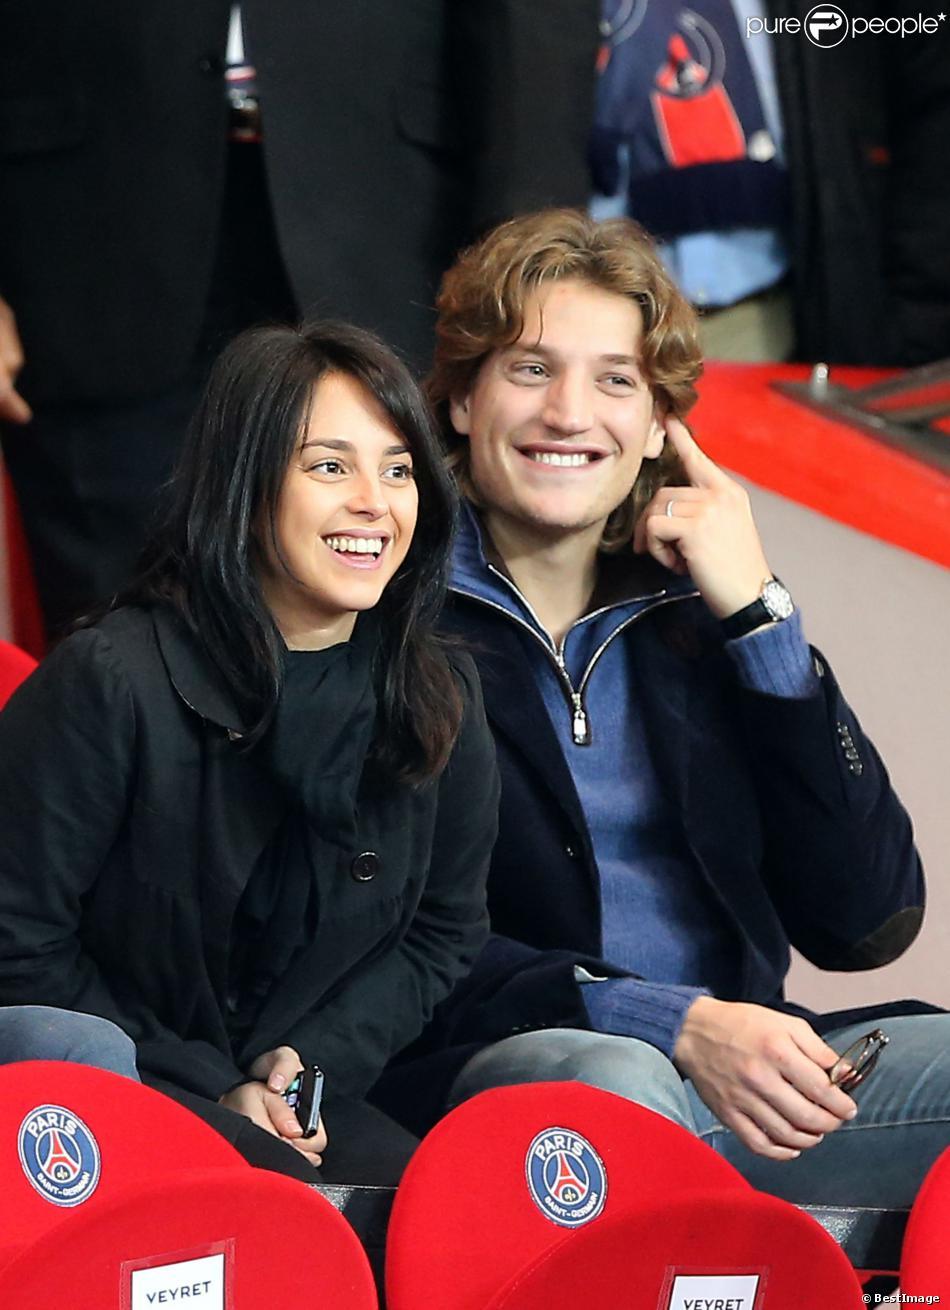 Jean Sarkozy et sa femme Jessica lors de PSG - Monaco au Parc des Princes le 22 septembre 2013.